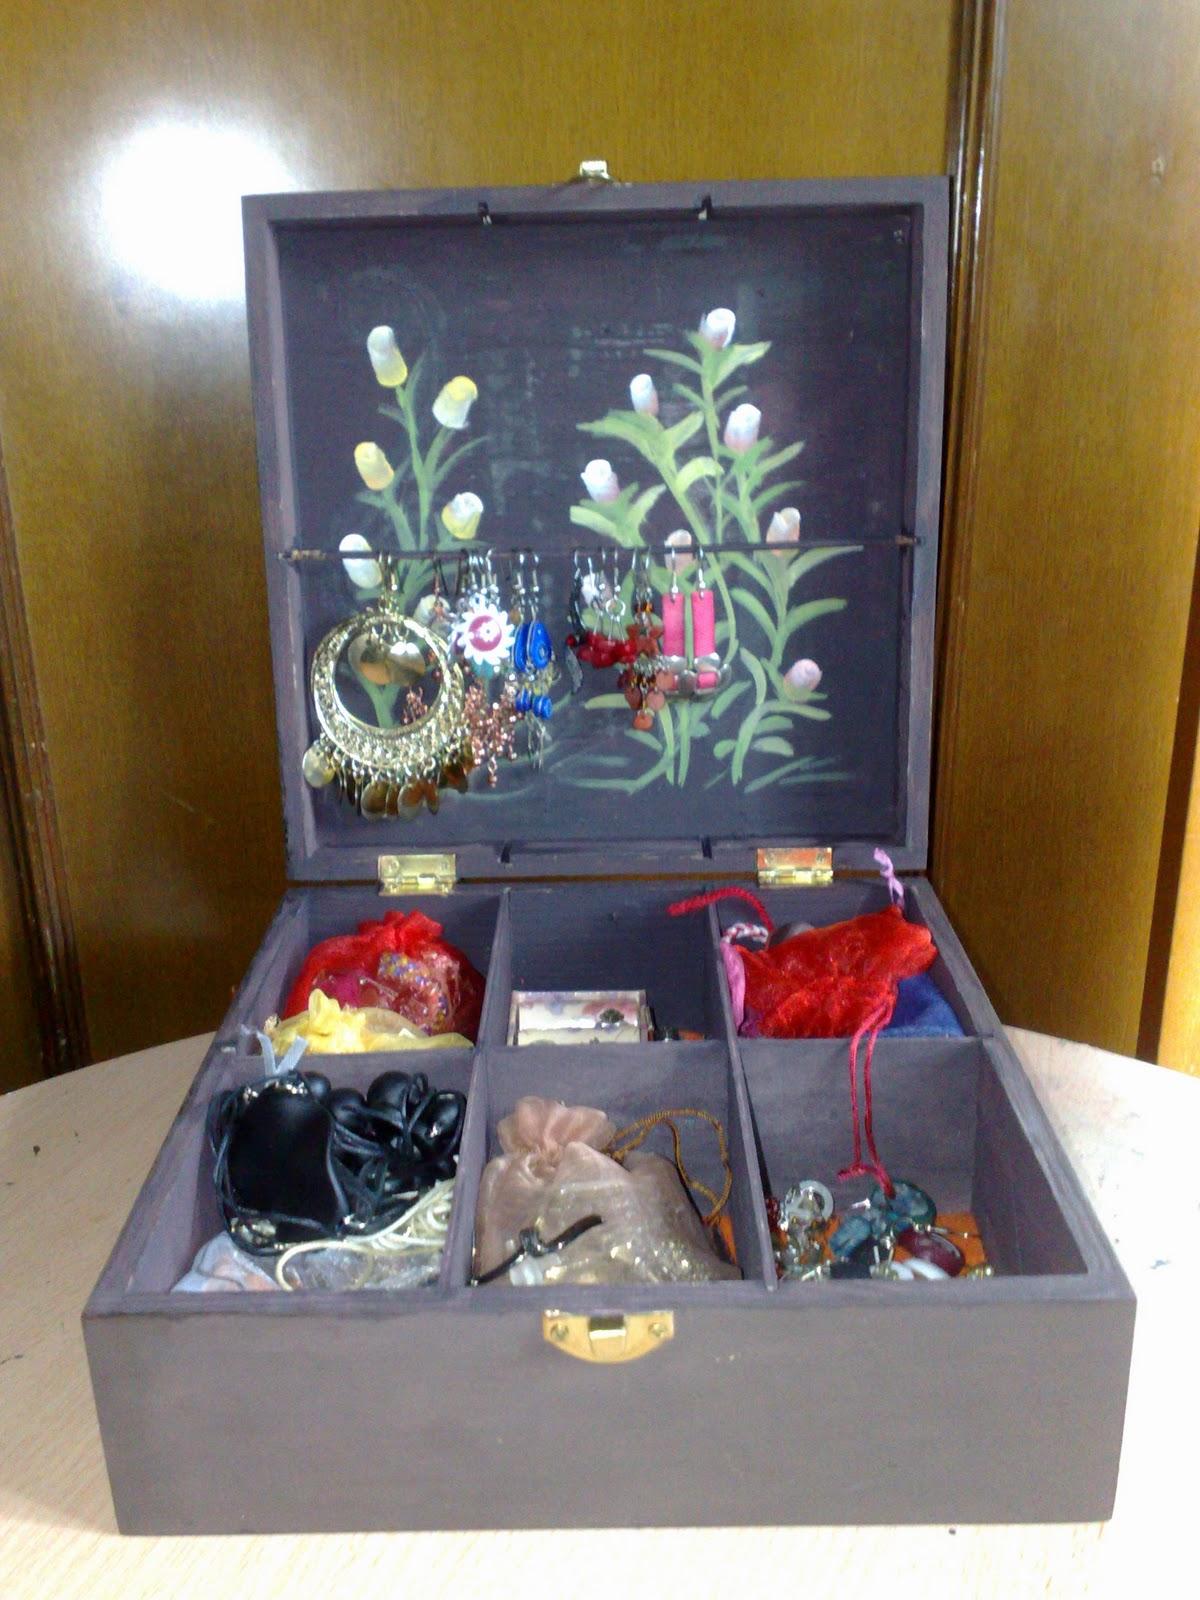 Manualidades y otros entretenimientos decorar una caja - Manualidades decorar cajas de madera ...